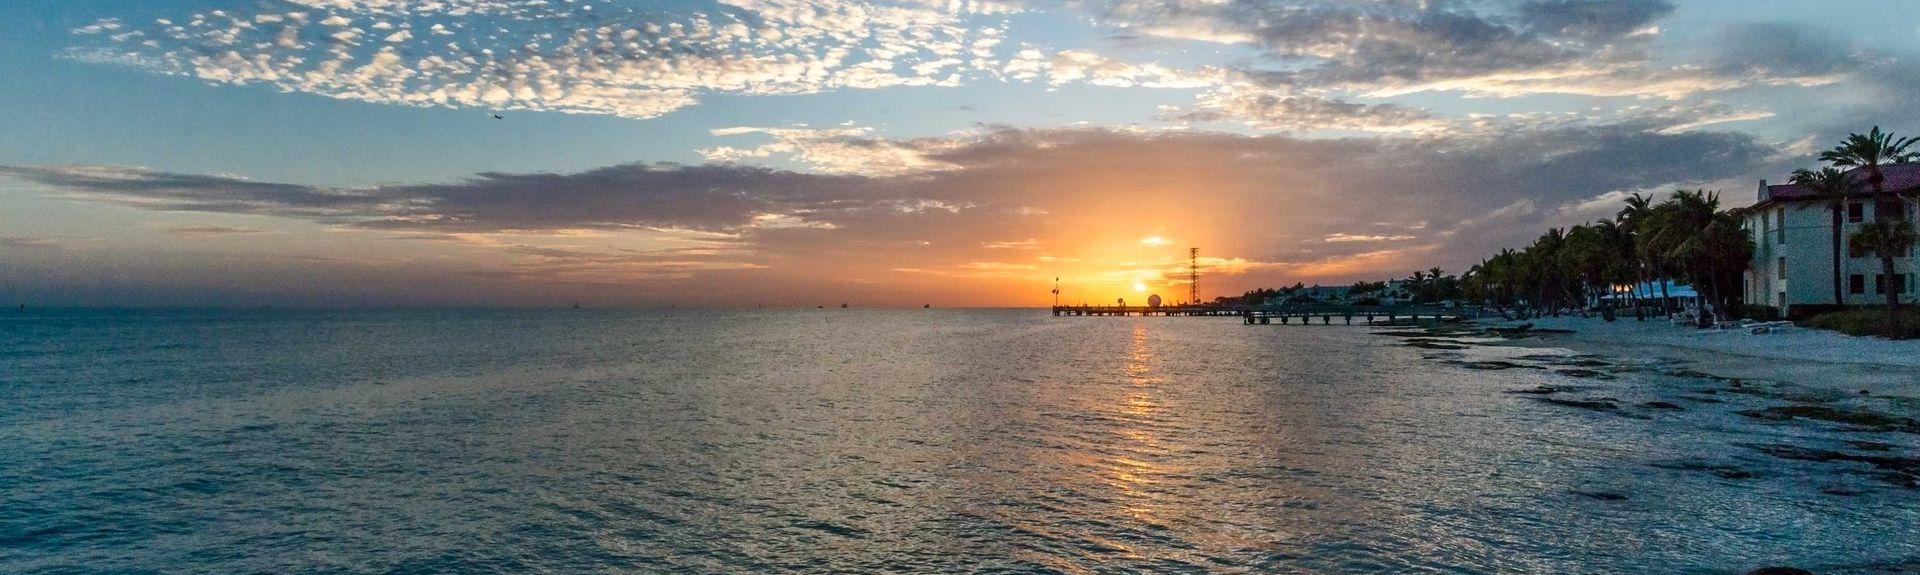 Meadows, Key West, FL, USA